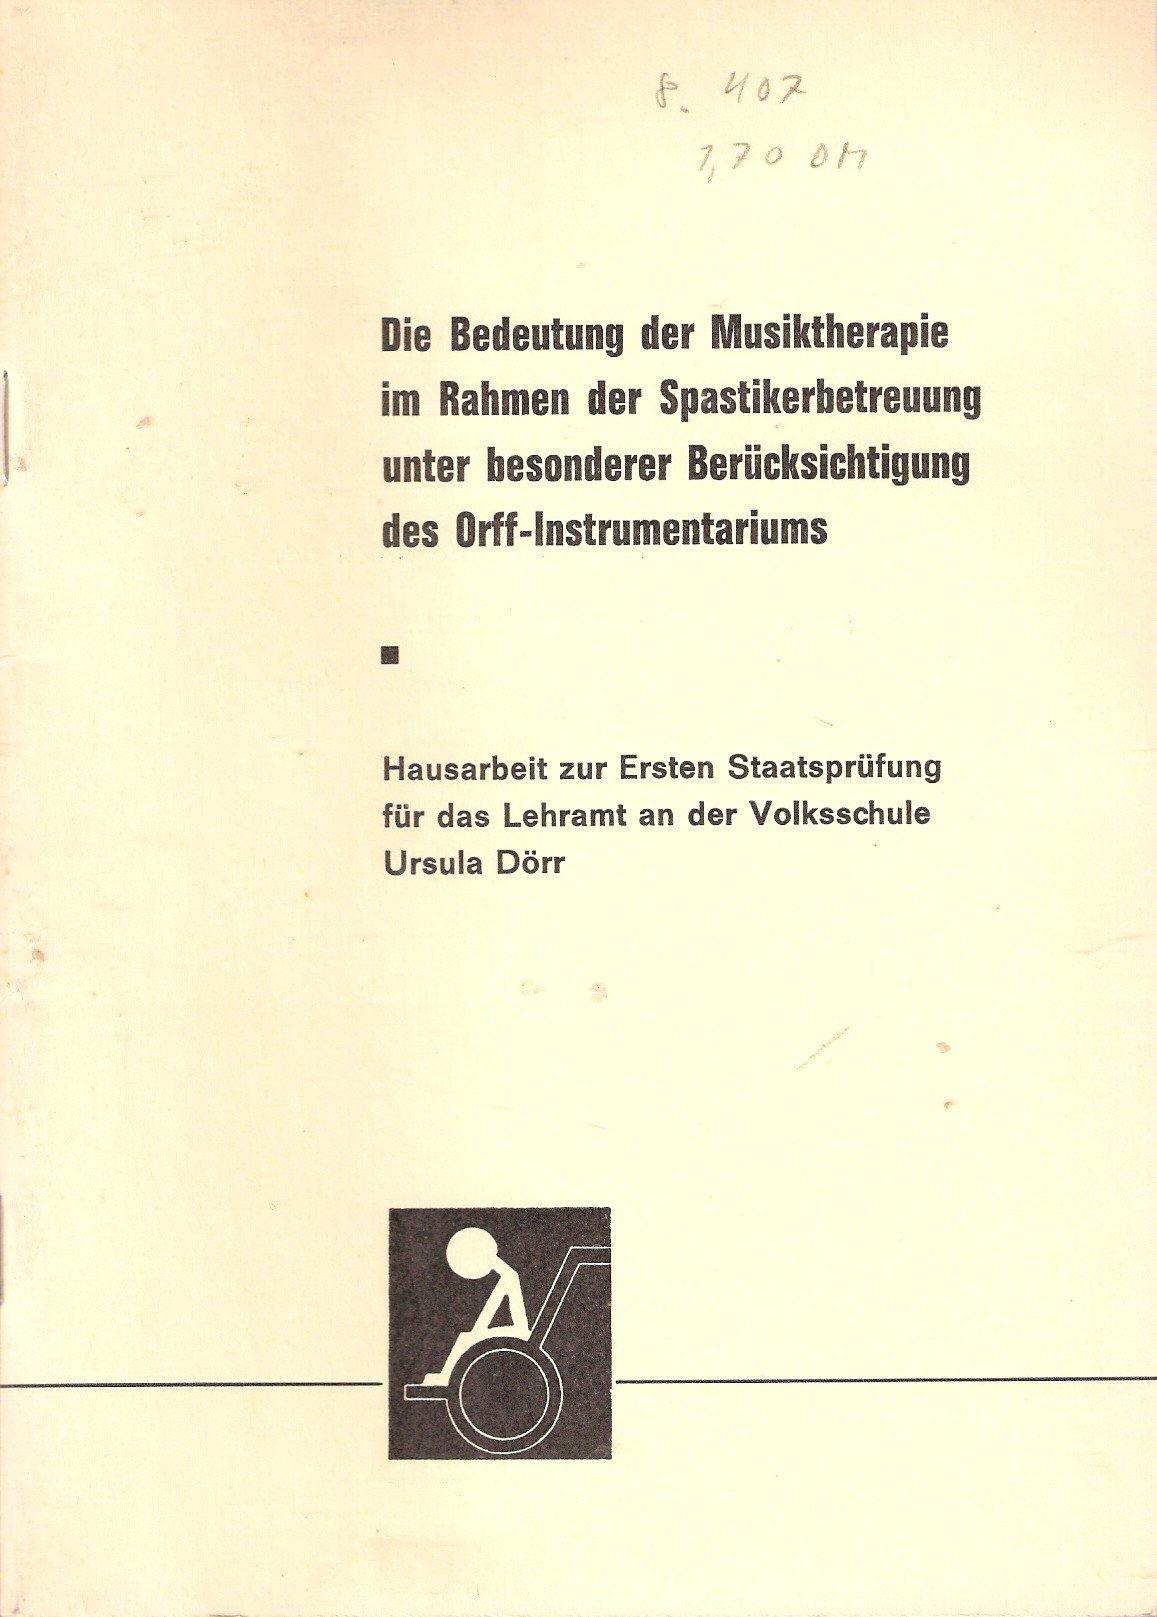 Die Bedeutung der Musiktherapie im Rahmen der Spastikerbetreuung ...